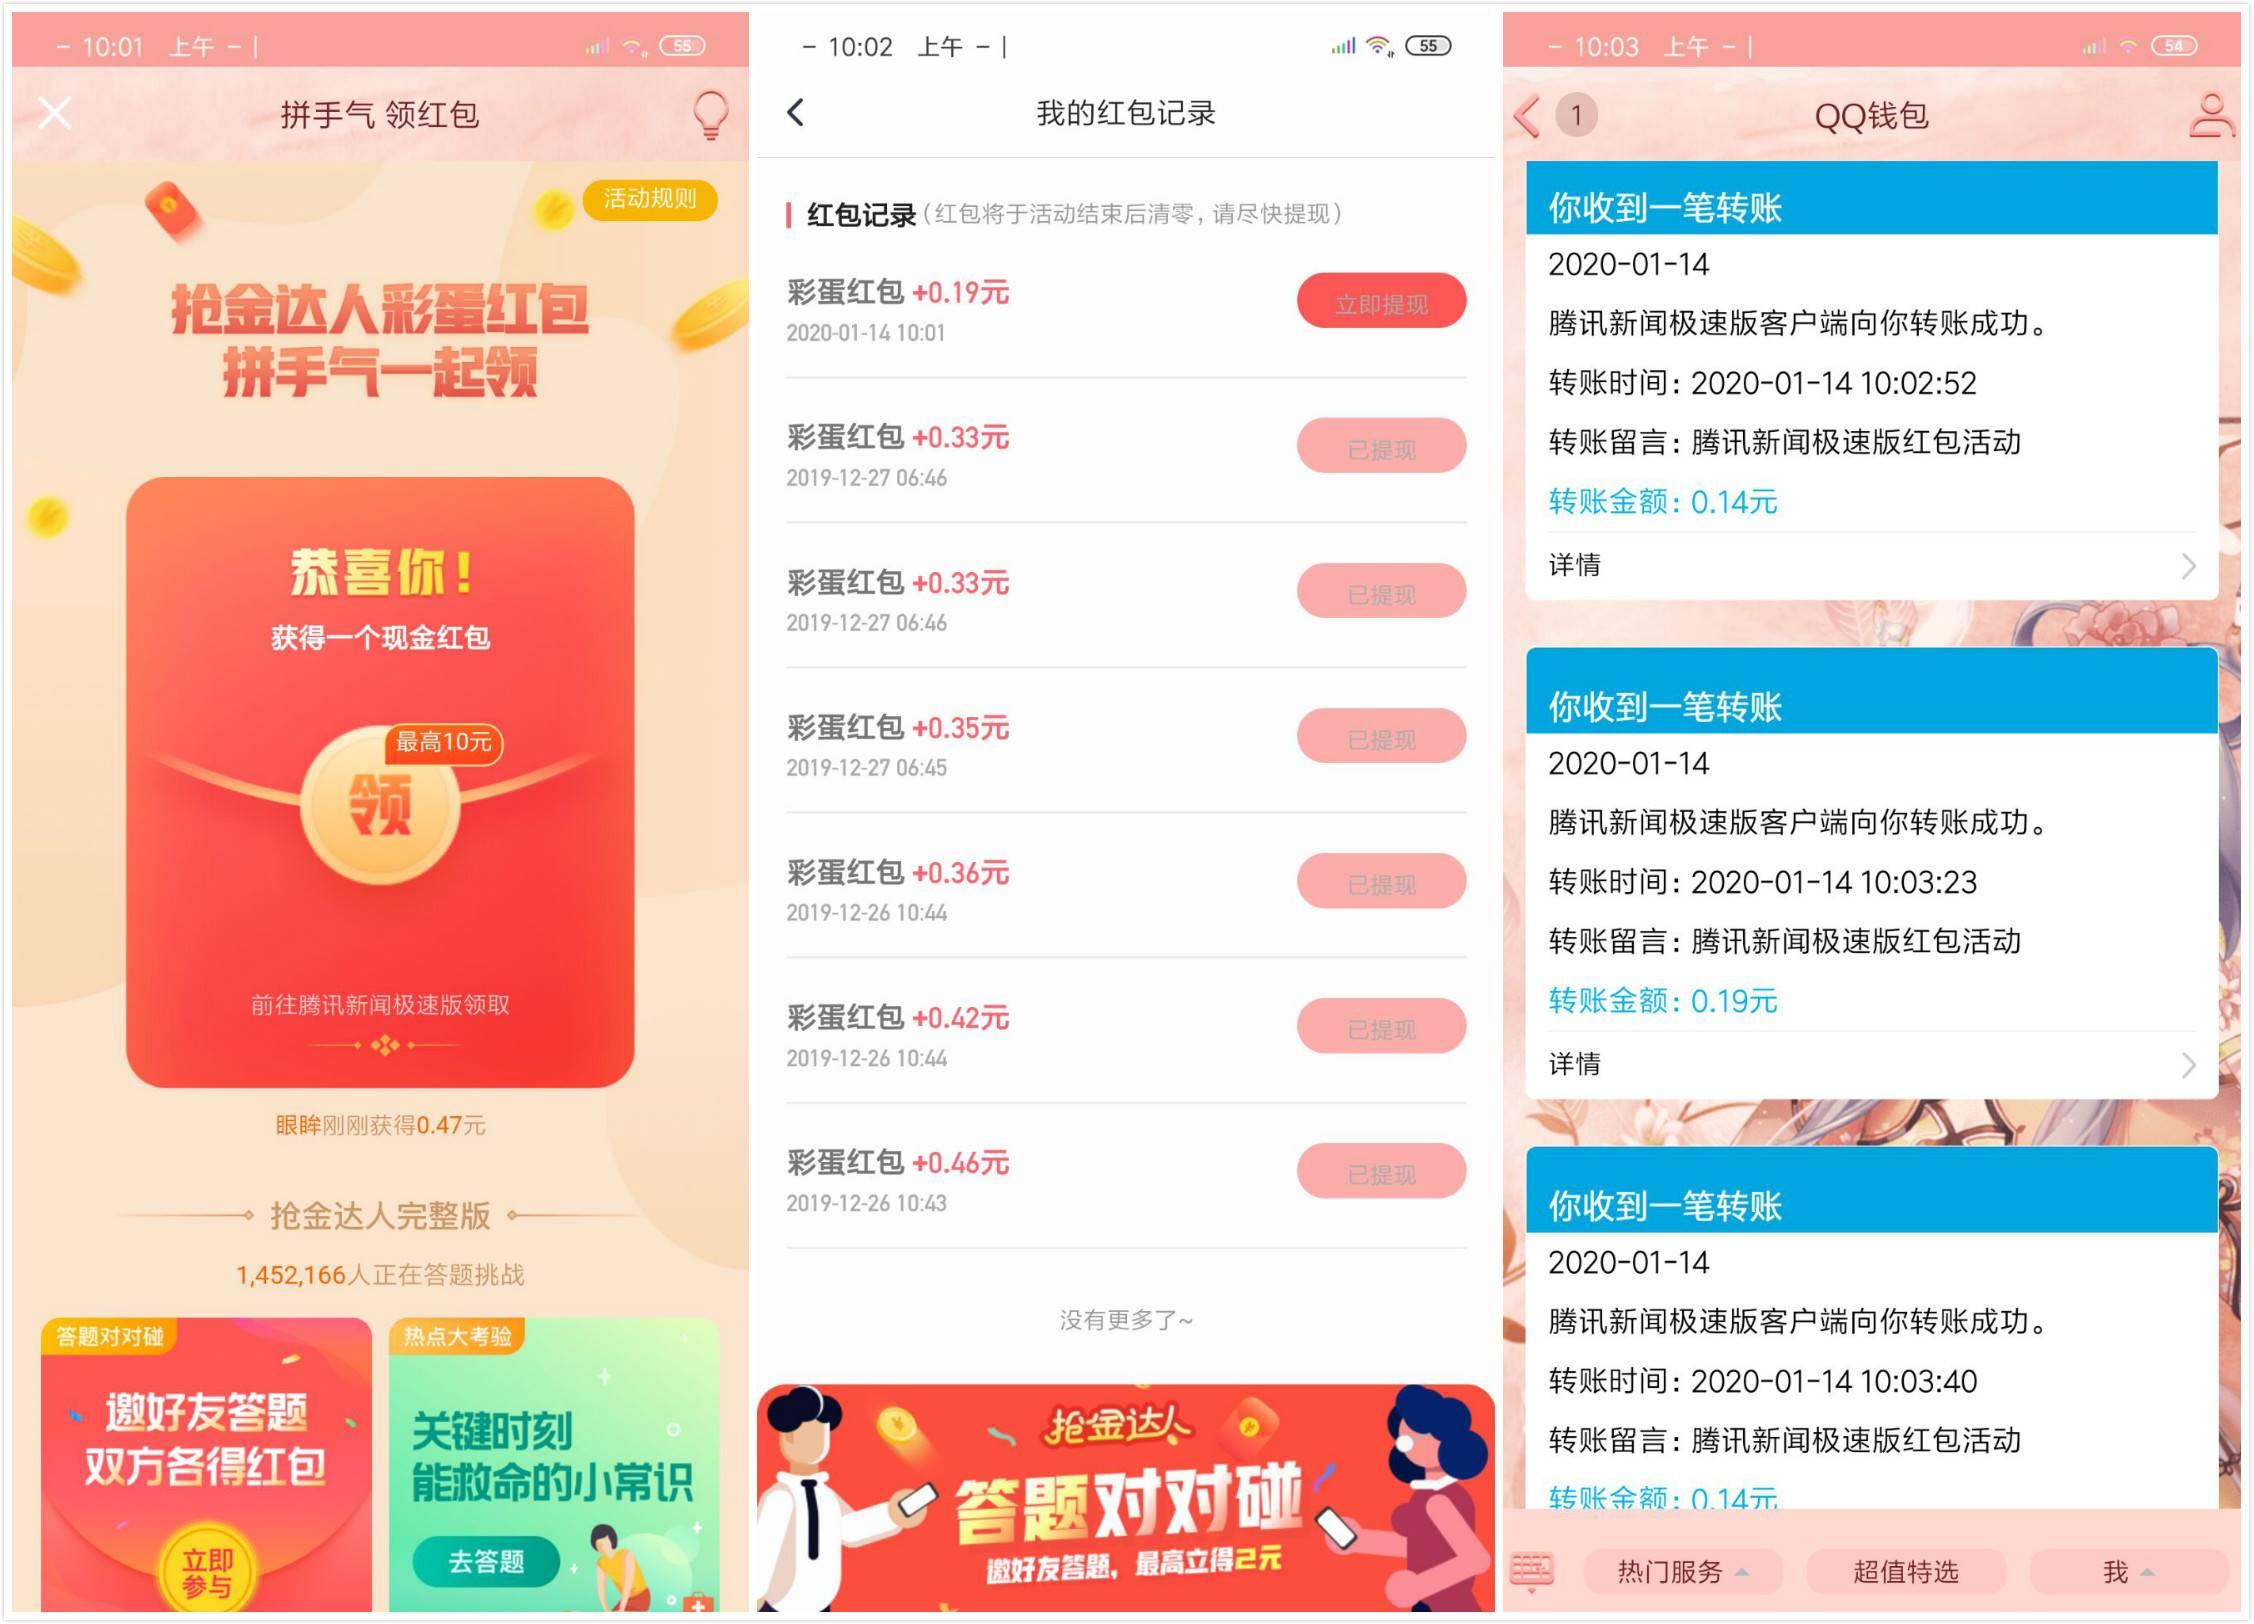 腾讯新闻极速版领4个QQ红包